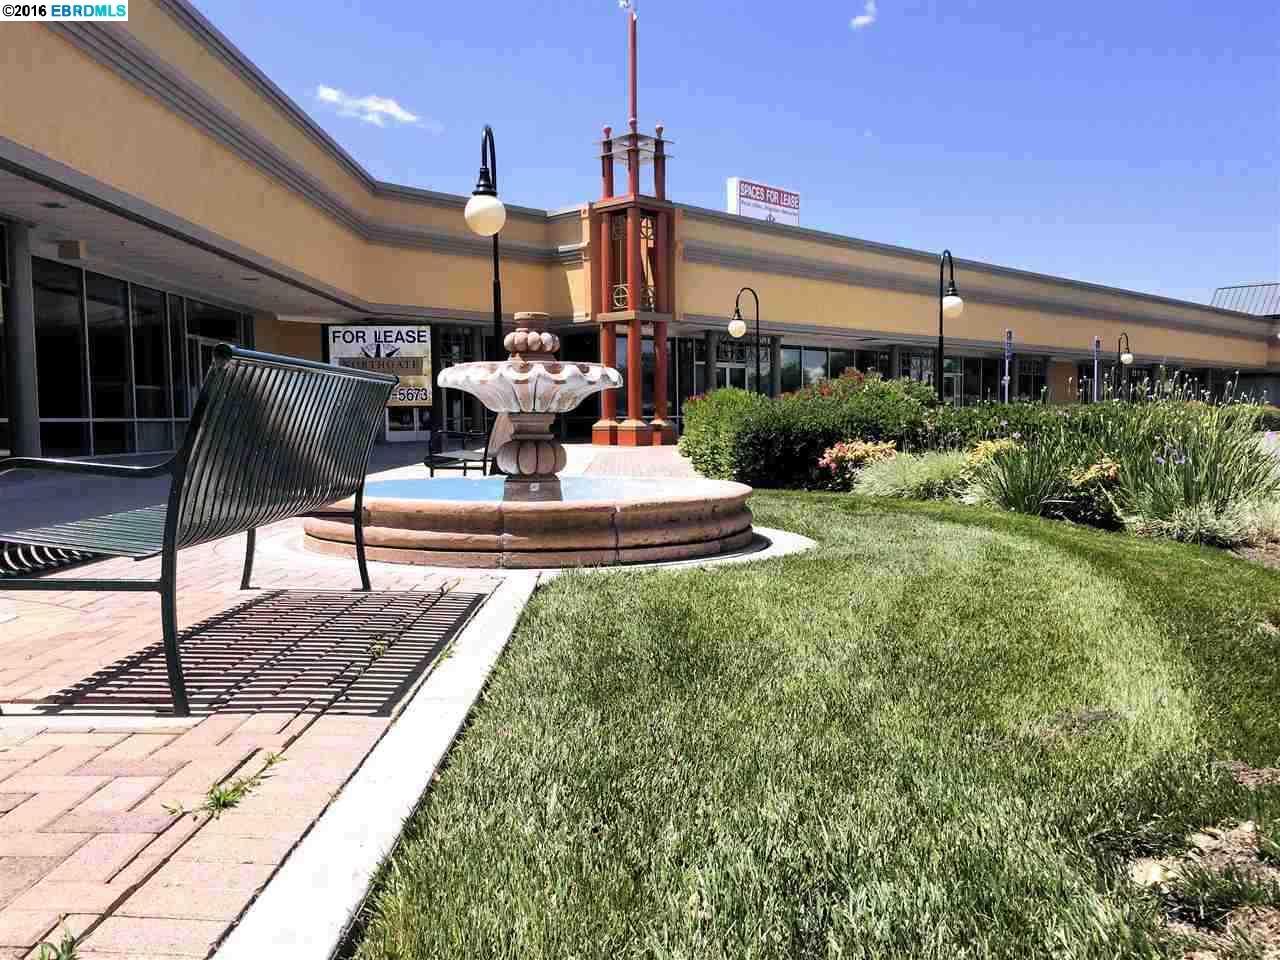 Casa Unifamiliar por un Alquiler en 1005 E Pescadero suite 195 Tracy, California 95304 Estados Unidos